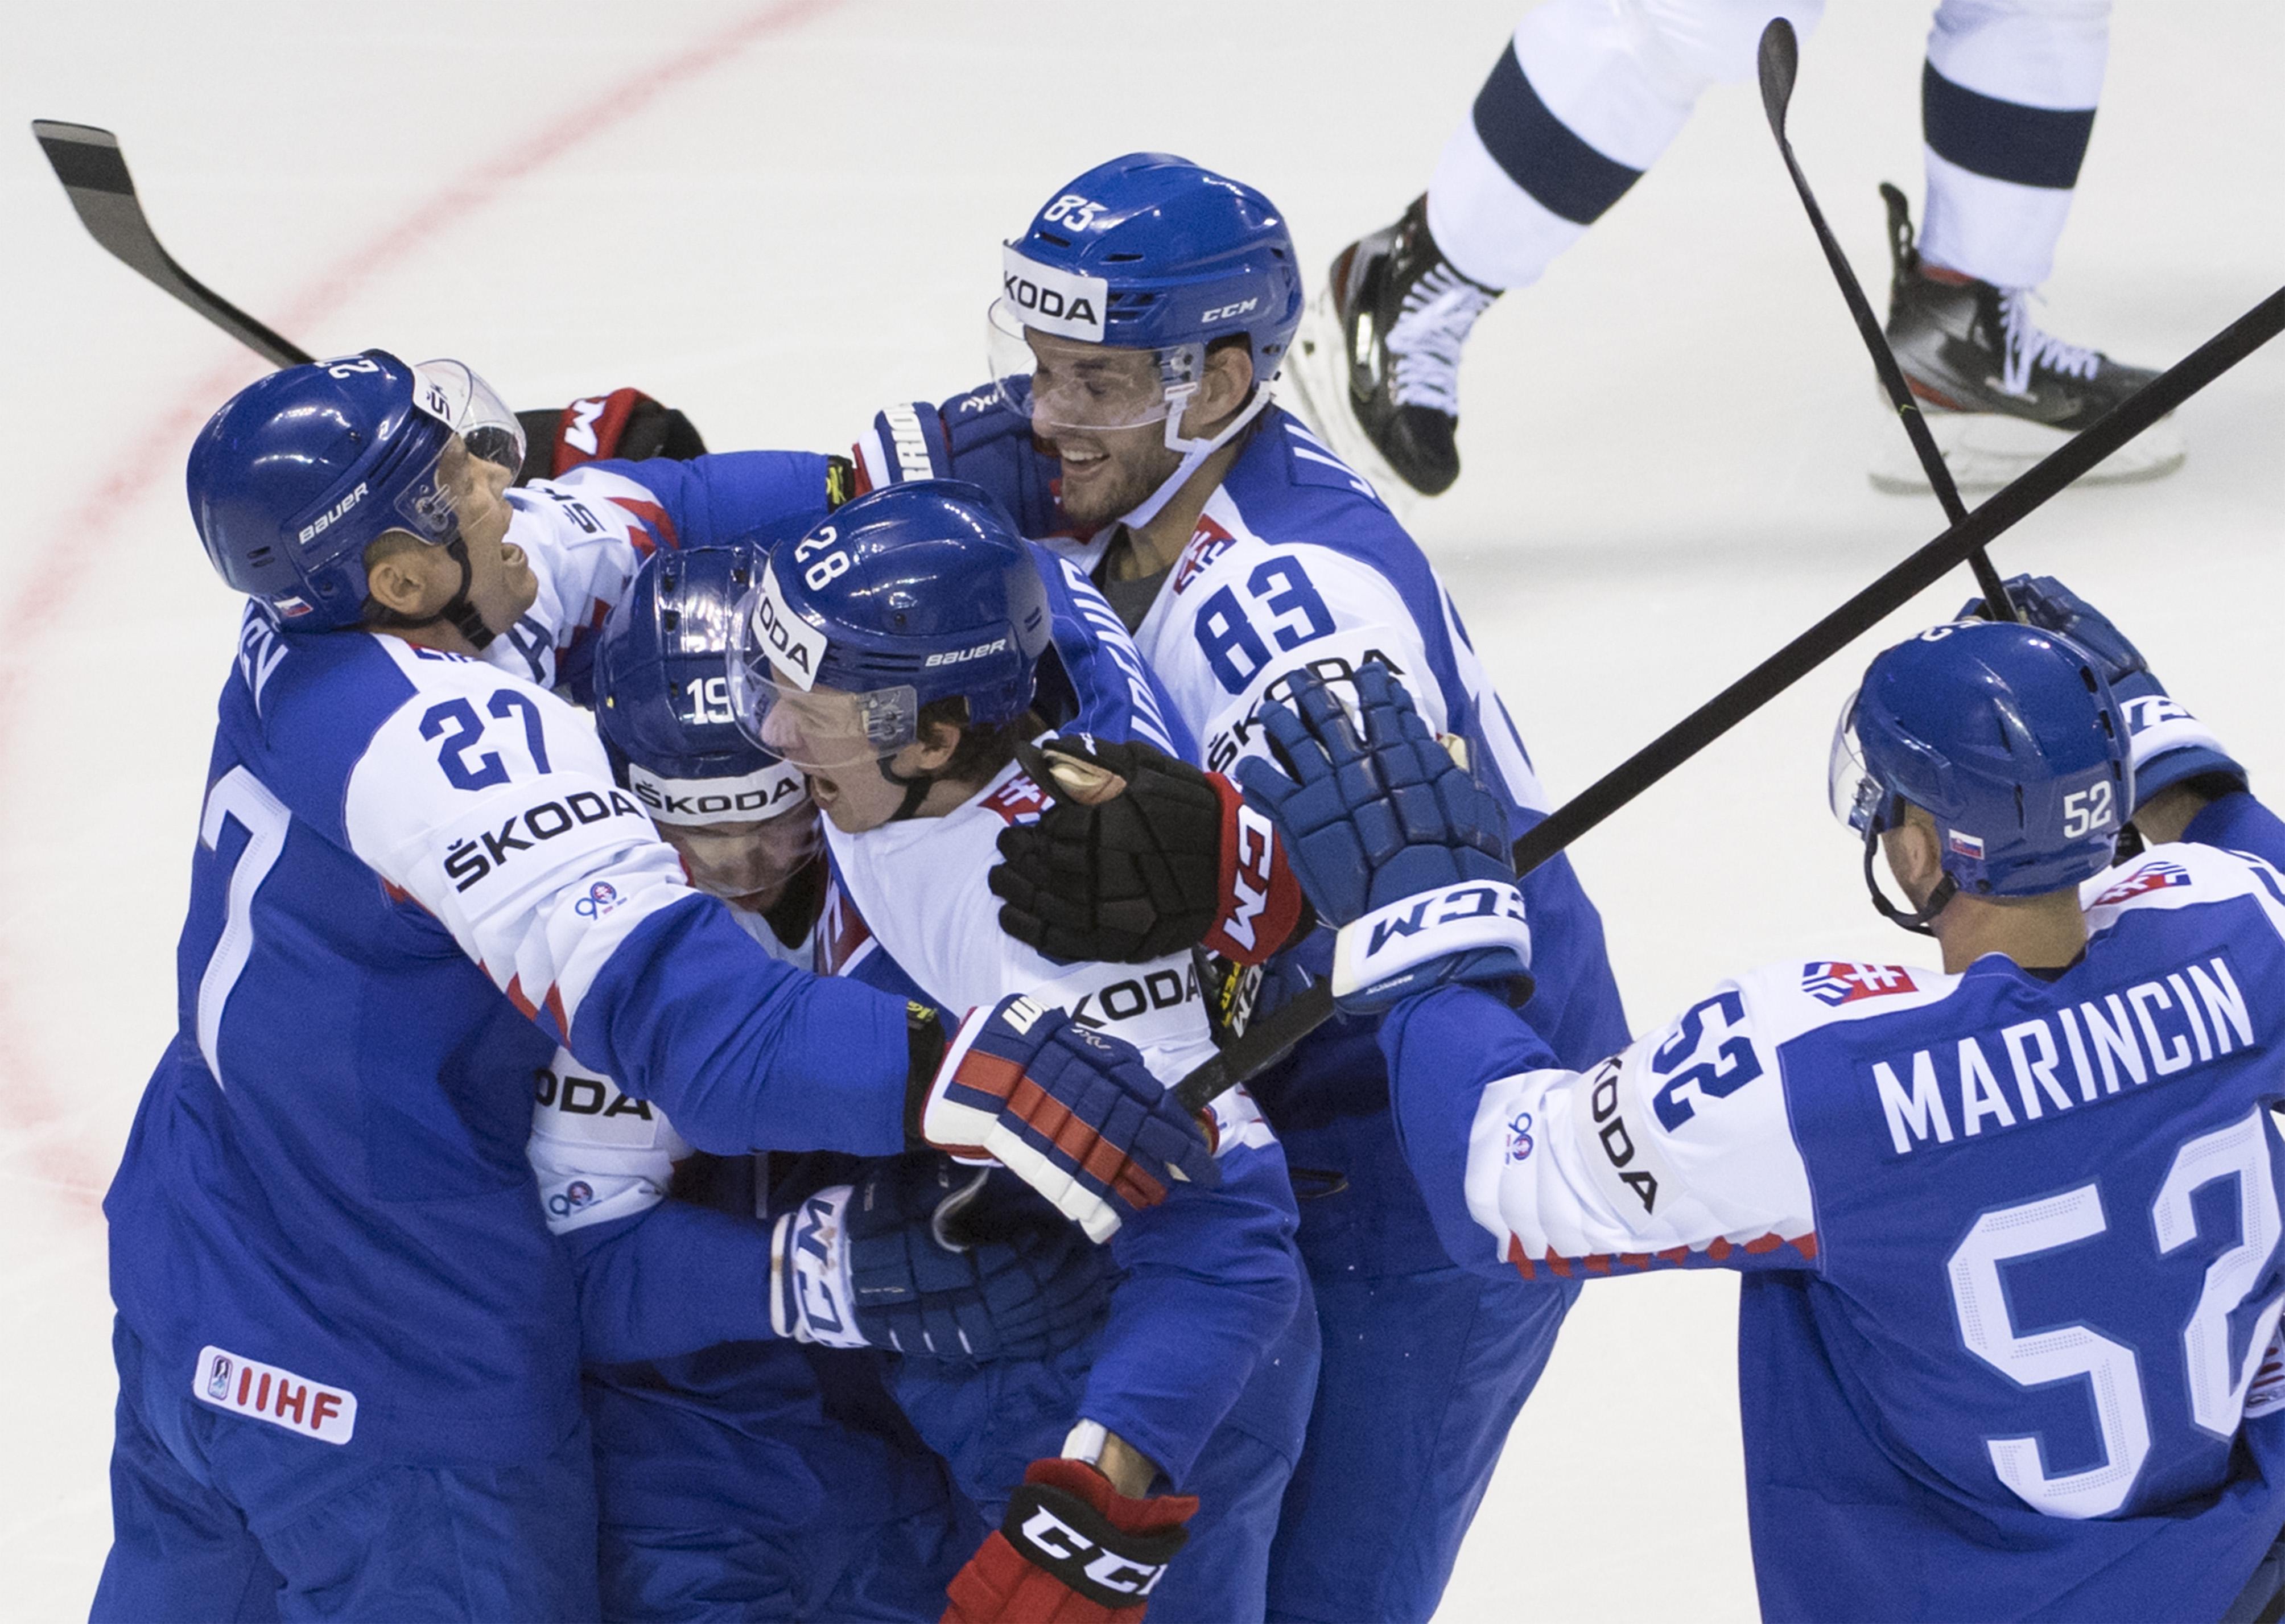 bb71beca327a2 ... Pre slovenský tím išlo o rozlúčkový zápas. Zdroj: TASR / Martin Baumann  ...